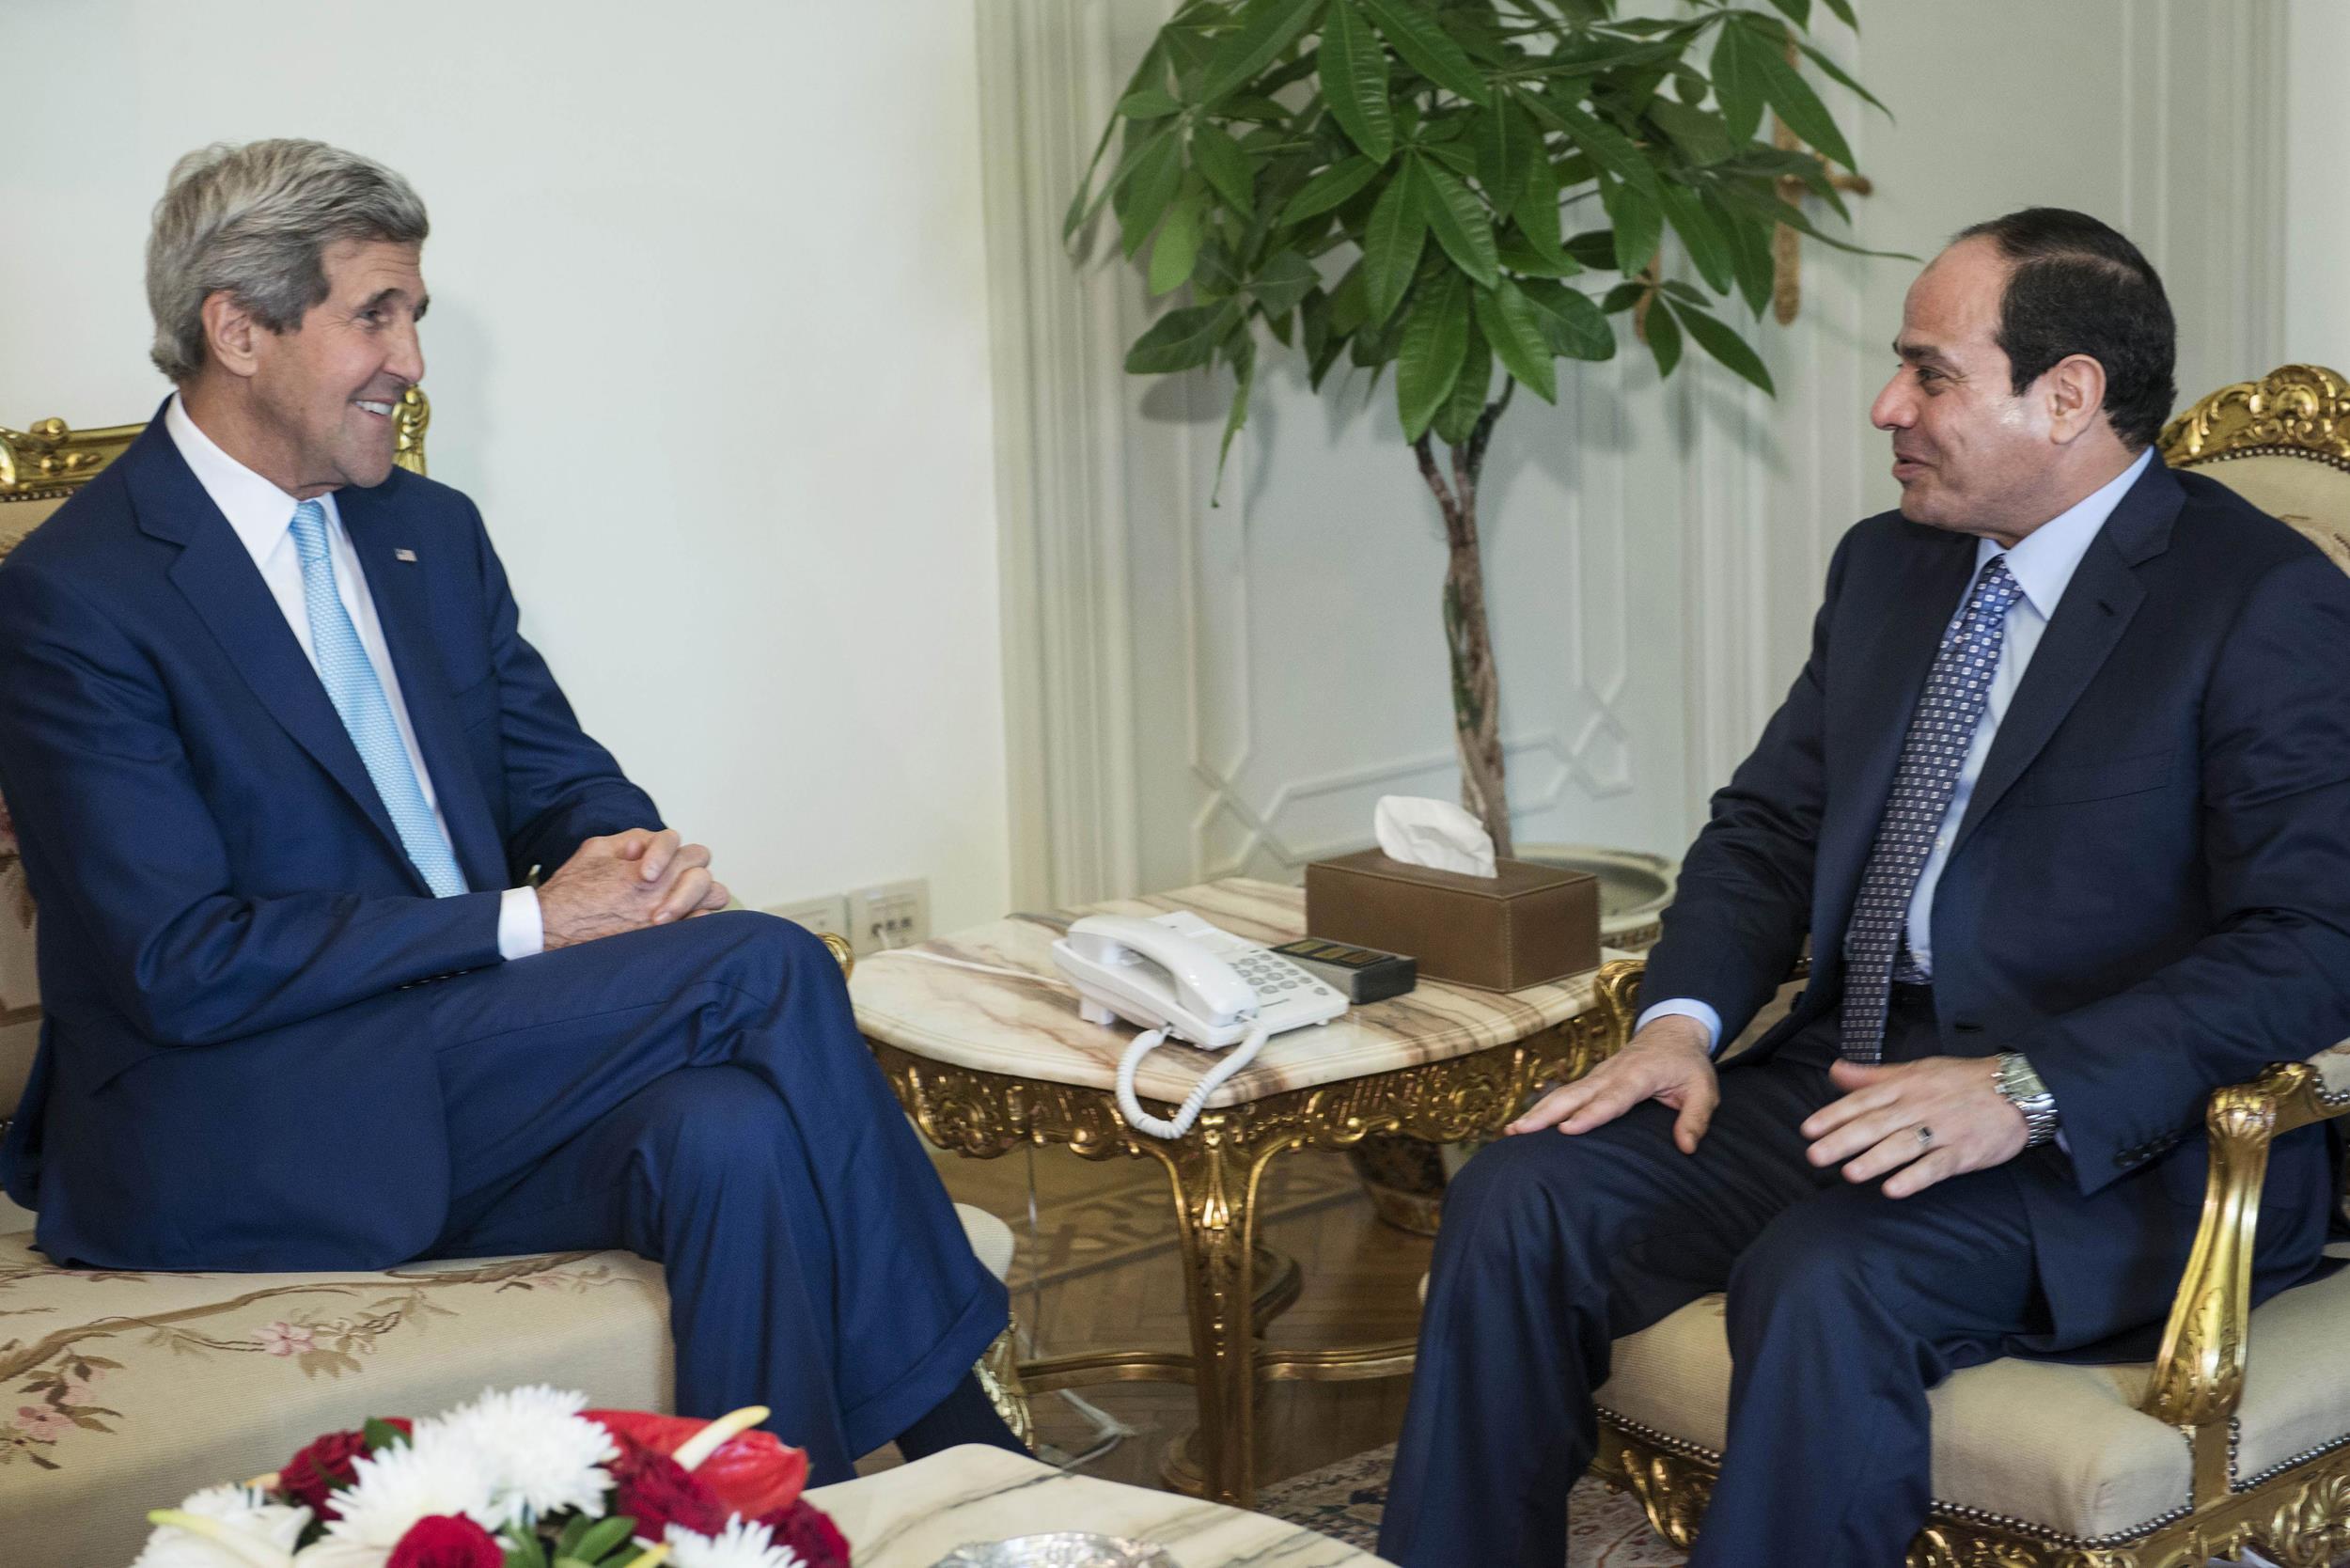 Image: John Kerry, Abdel Fattah el-Sissi